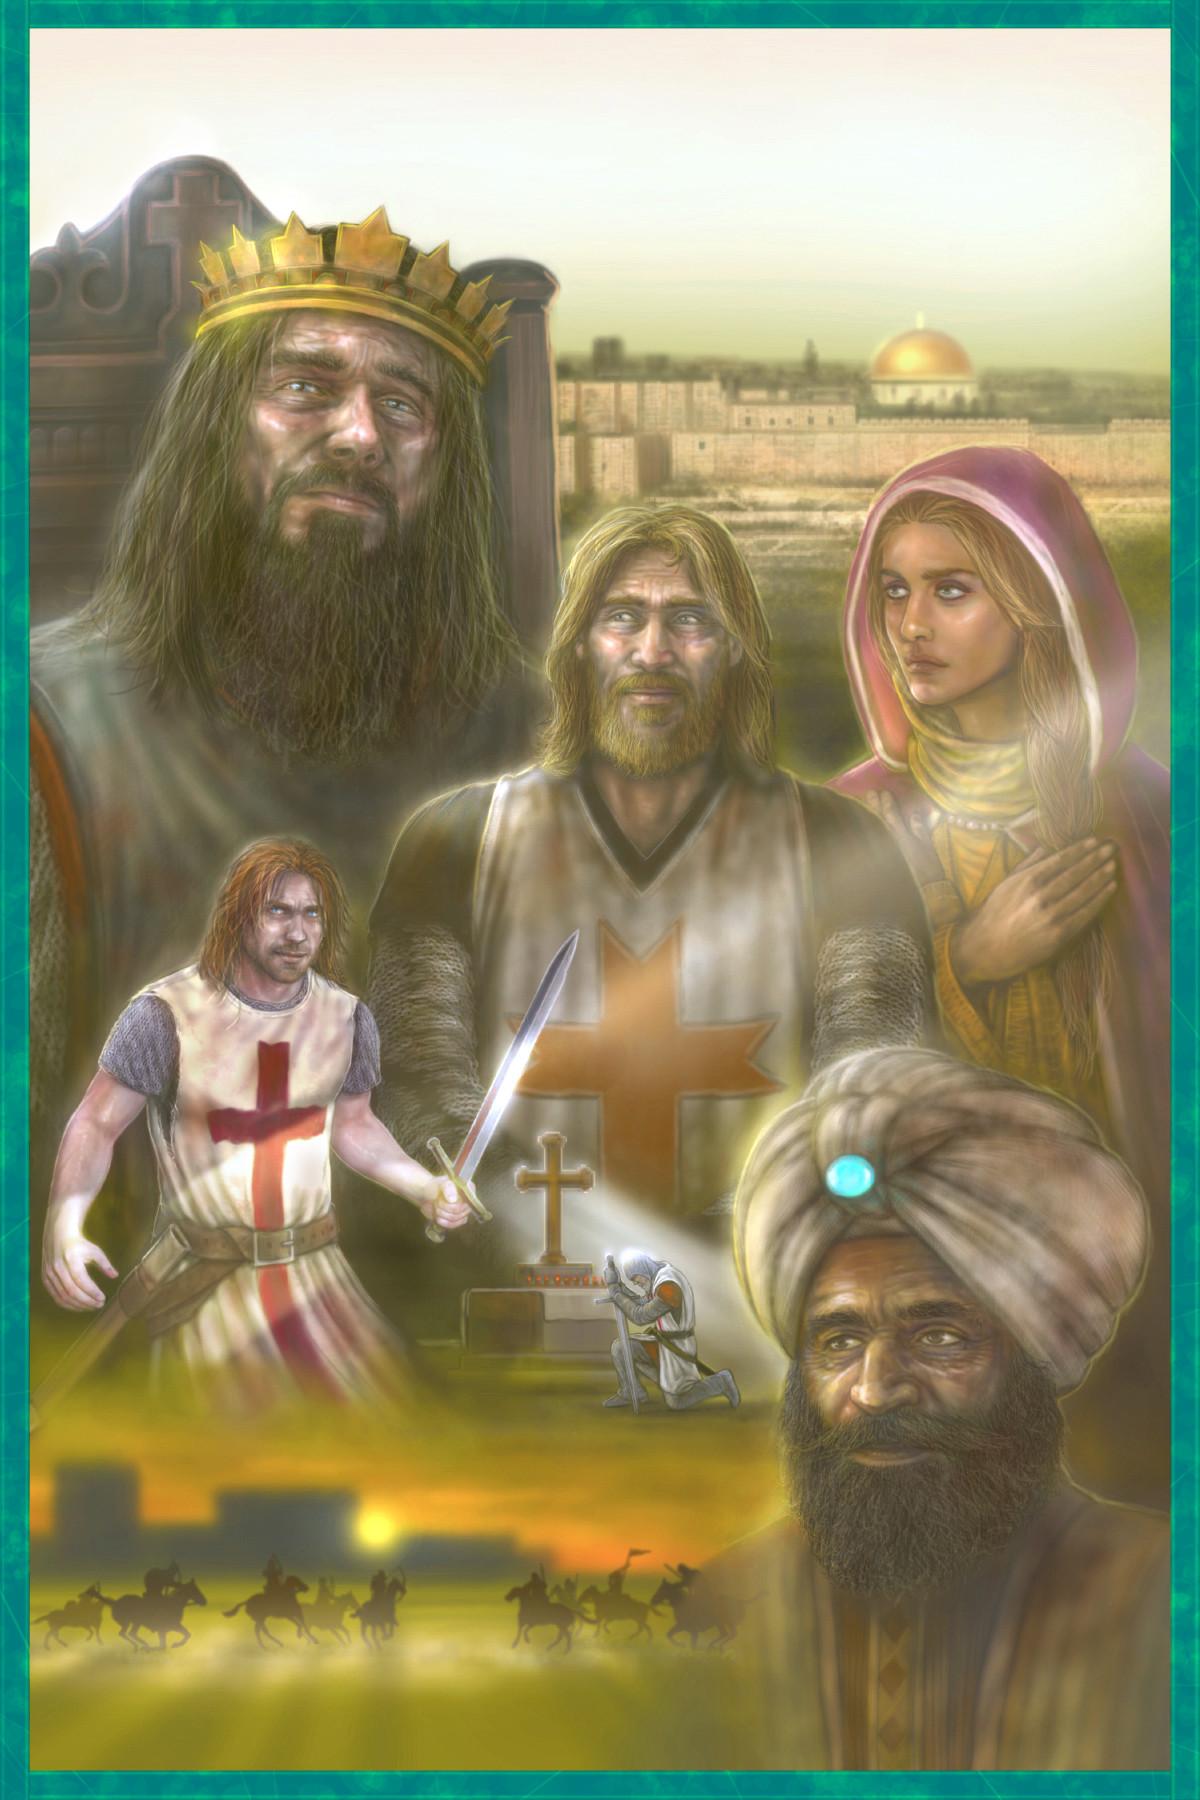 Peter white crusade ii